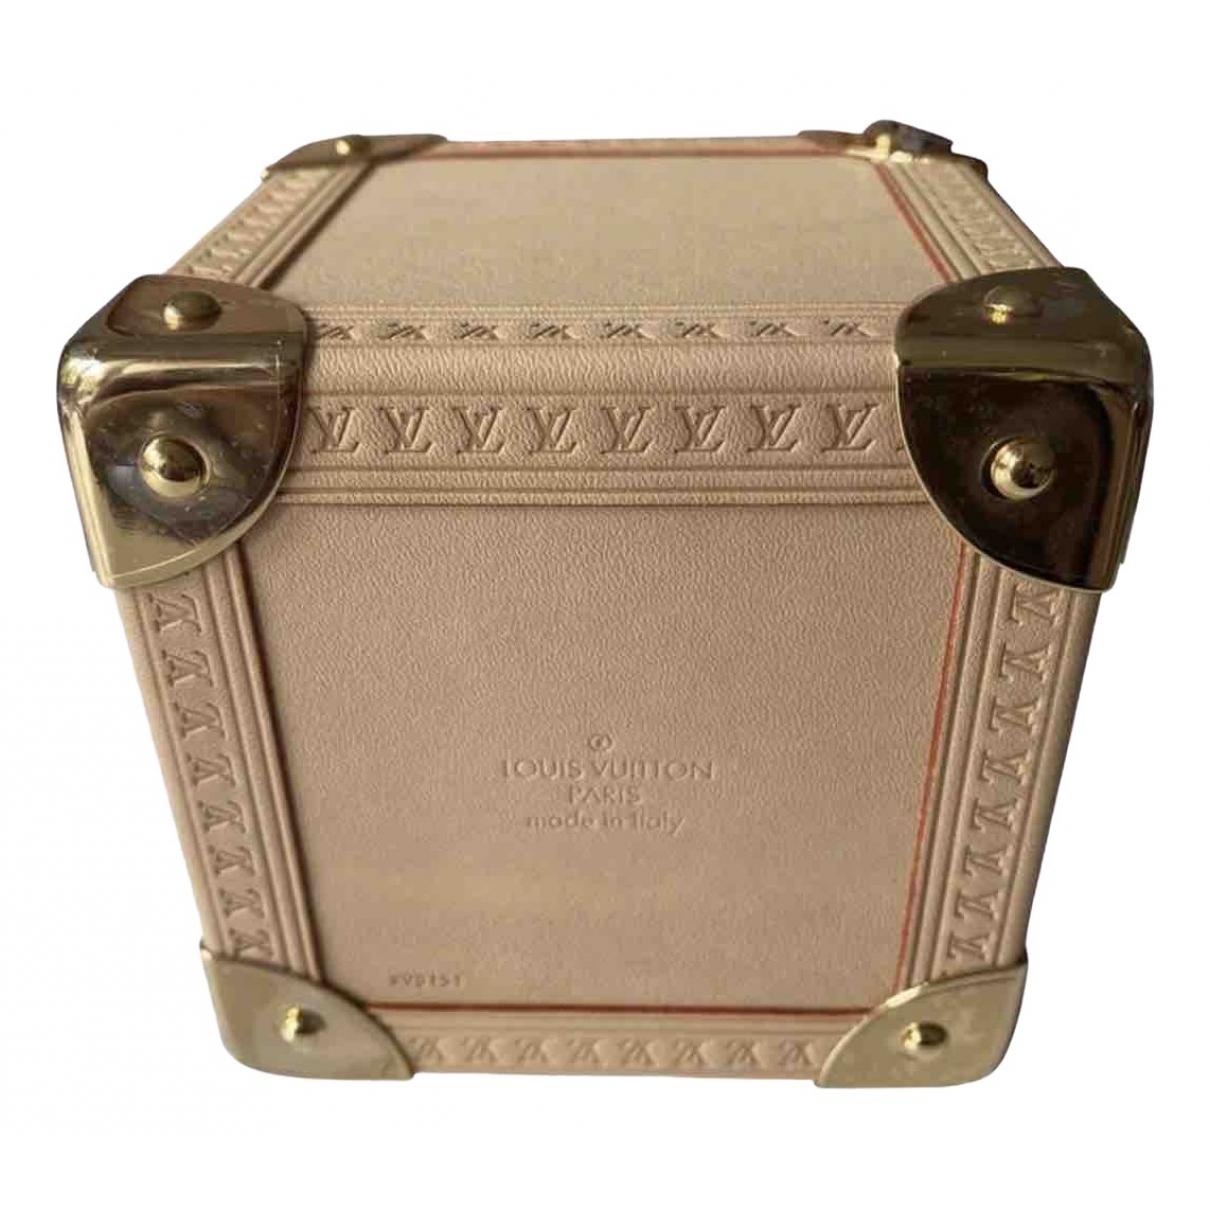 Louis Vuitton \N Accessoires und Dekoration in  Beige Leder